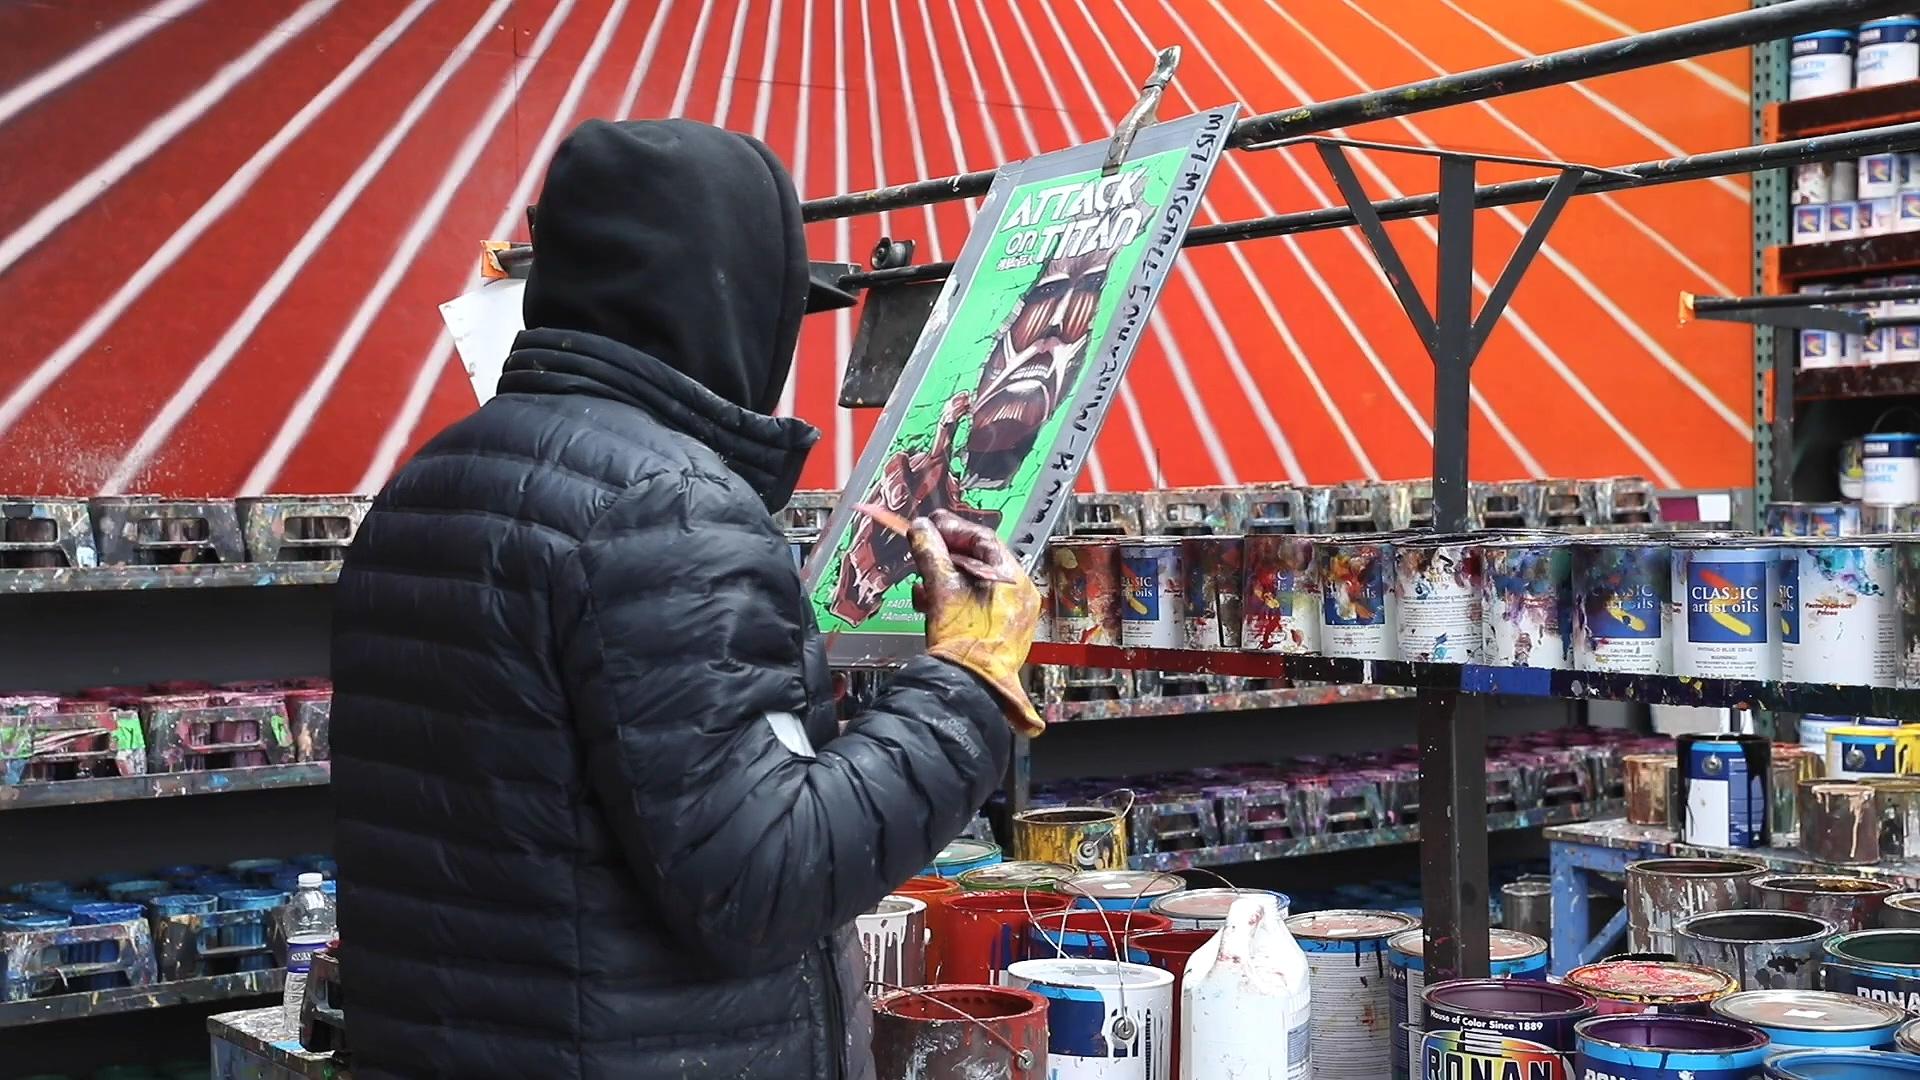 进击的巨人 纽约 麦迪逊花园广场 壁画ニューヨークの壁に「進撃の巨人」を描いてみた!メイキング2/We drew 'Attack on Titan' on the wall in New York [making2].mp4_000007.837